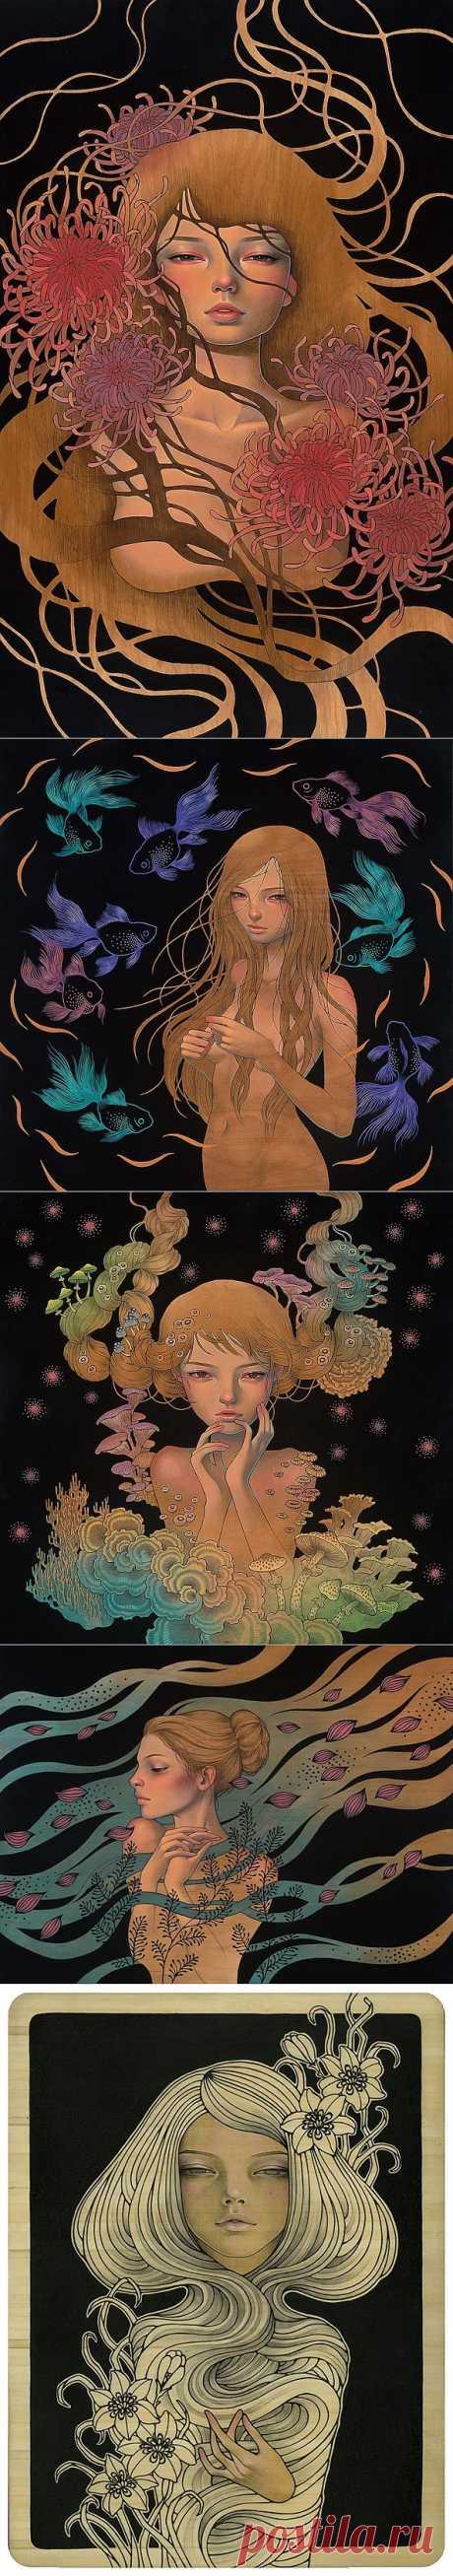 ФотоТелеграф » Новые картины японской художницы Audrey Kawasaki